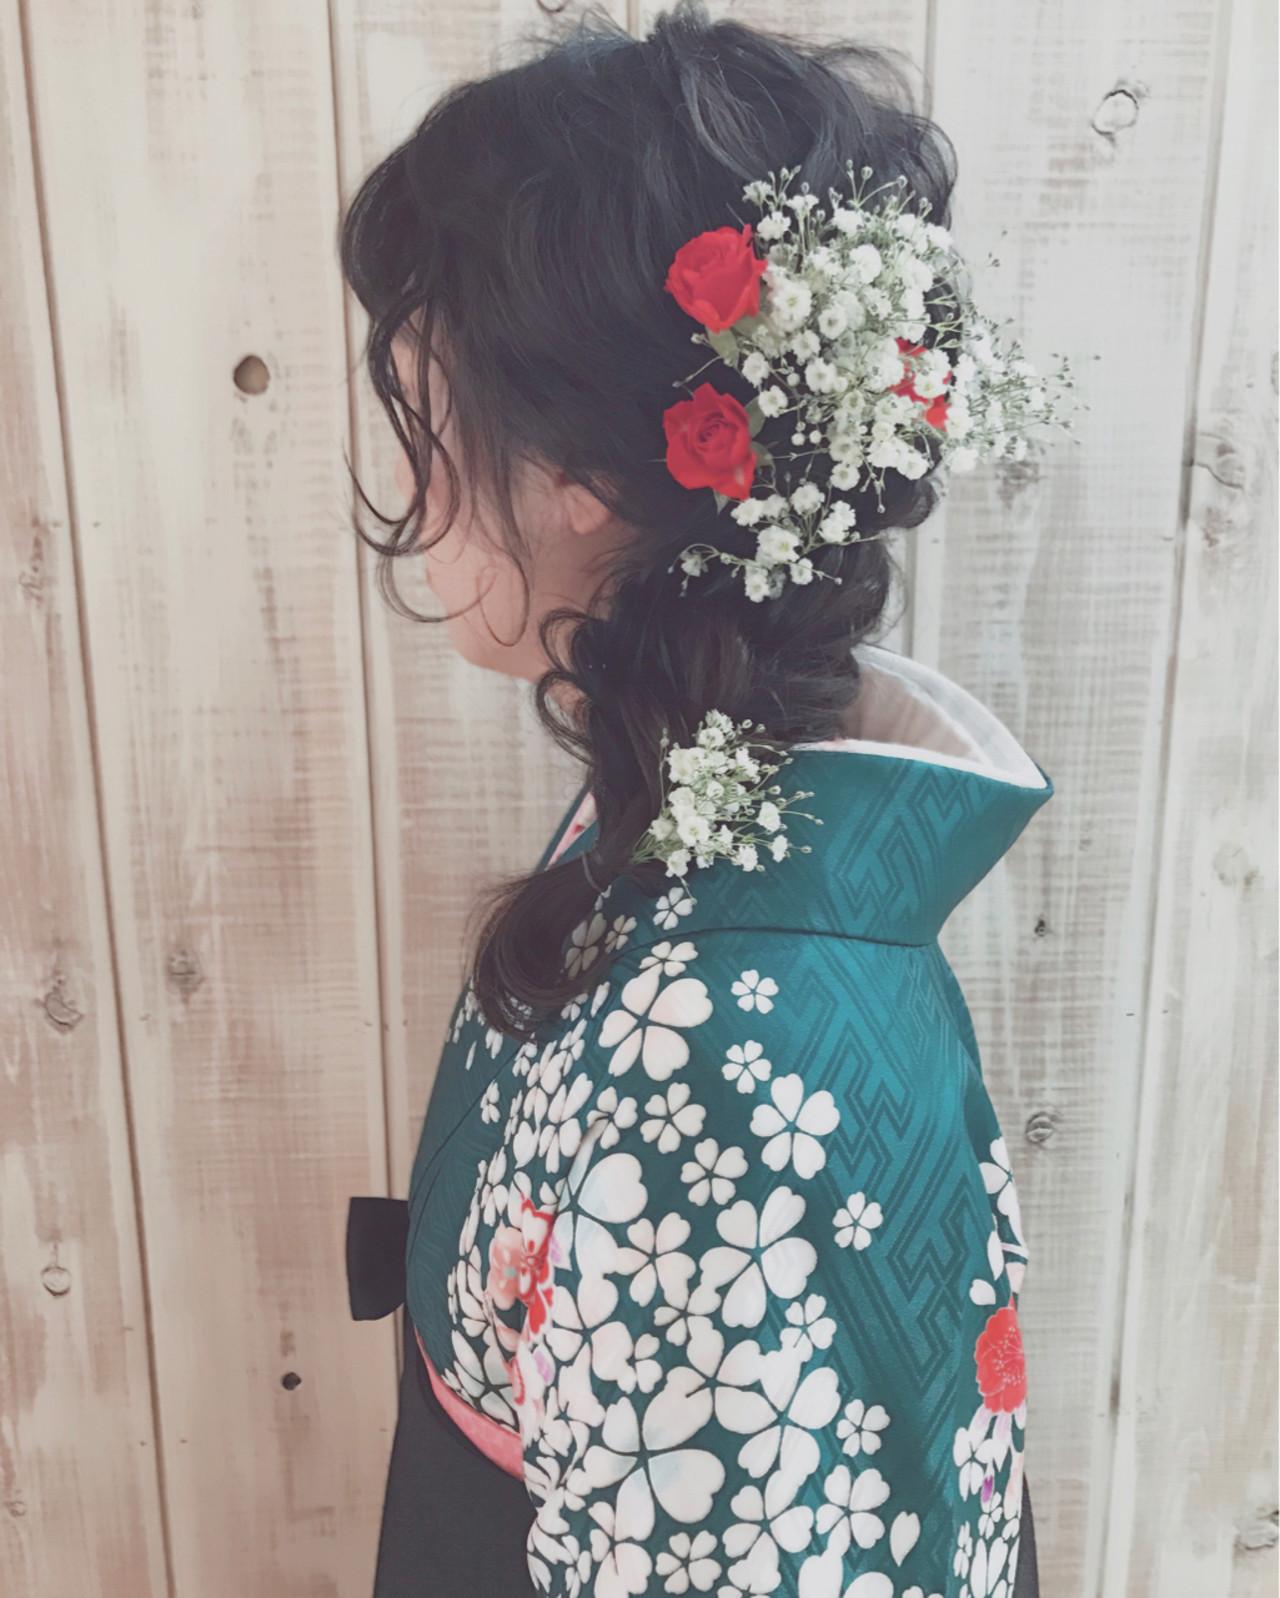 ゆるふわにまとめた卒業式らしい編み下ろしスタイル 堀川 千枝